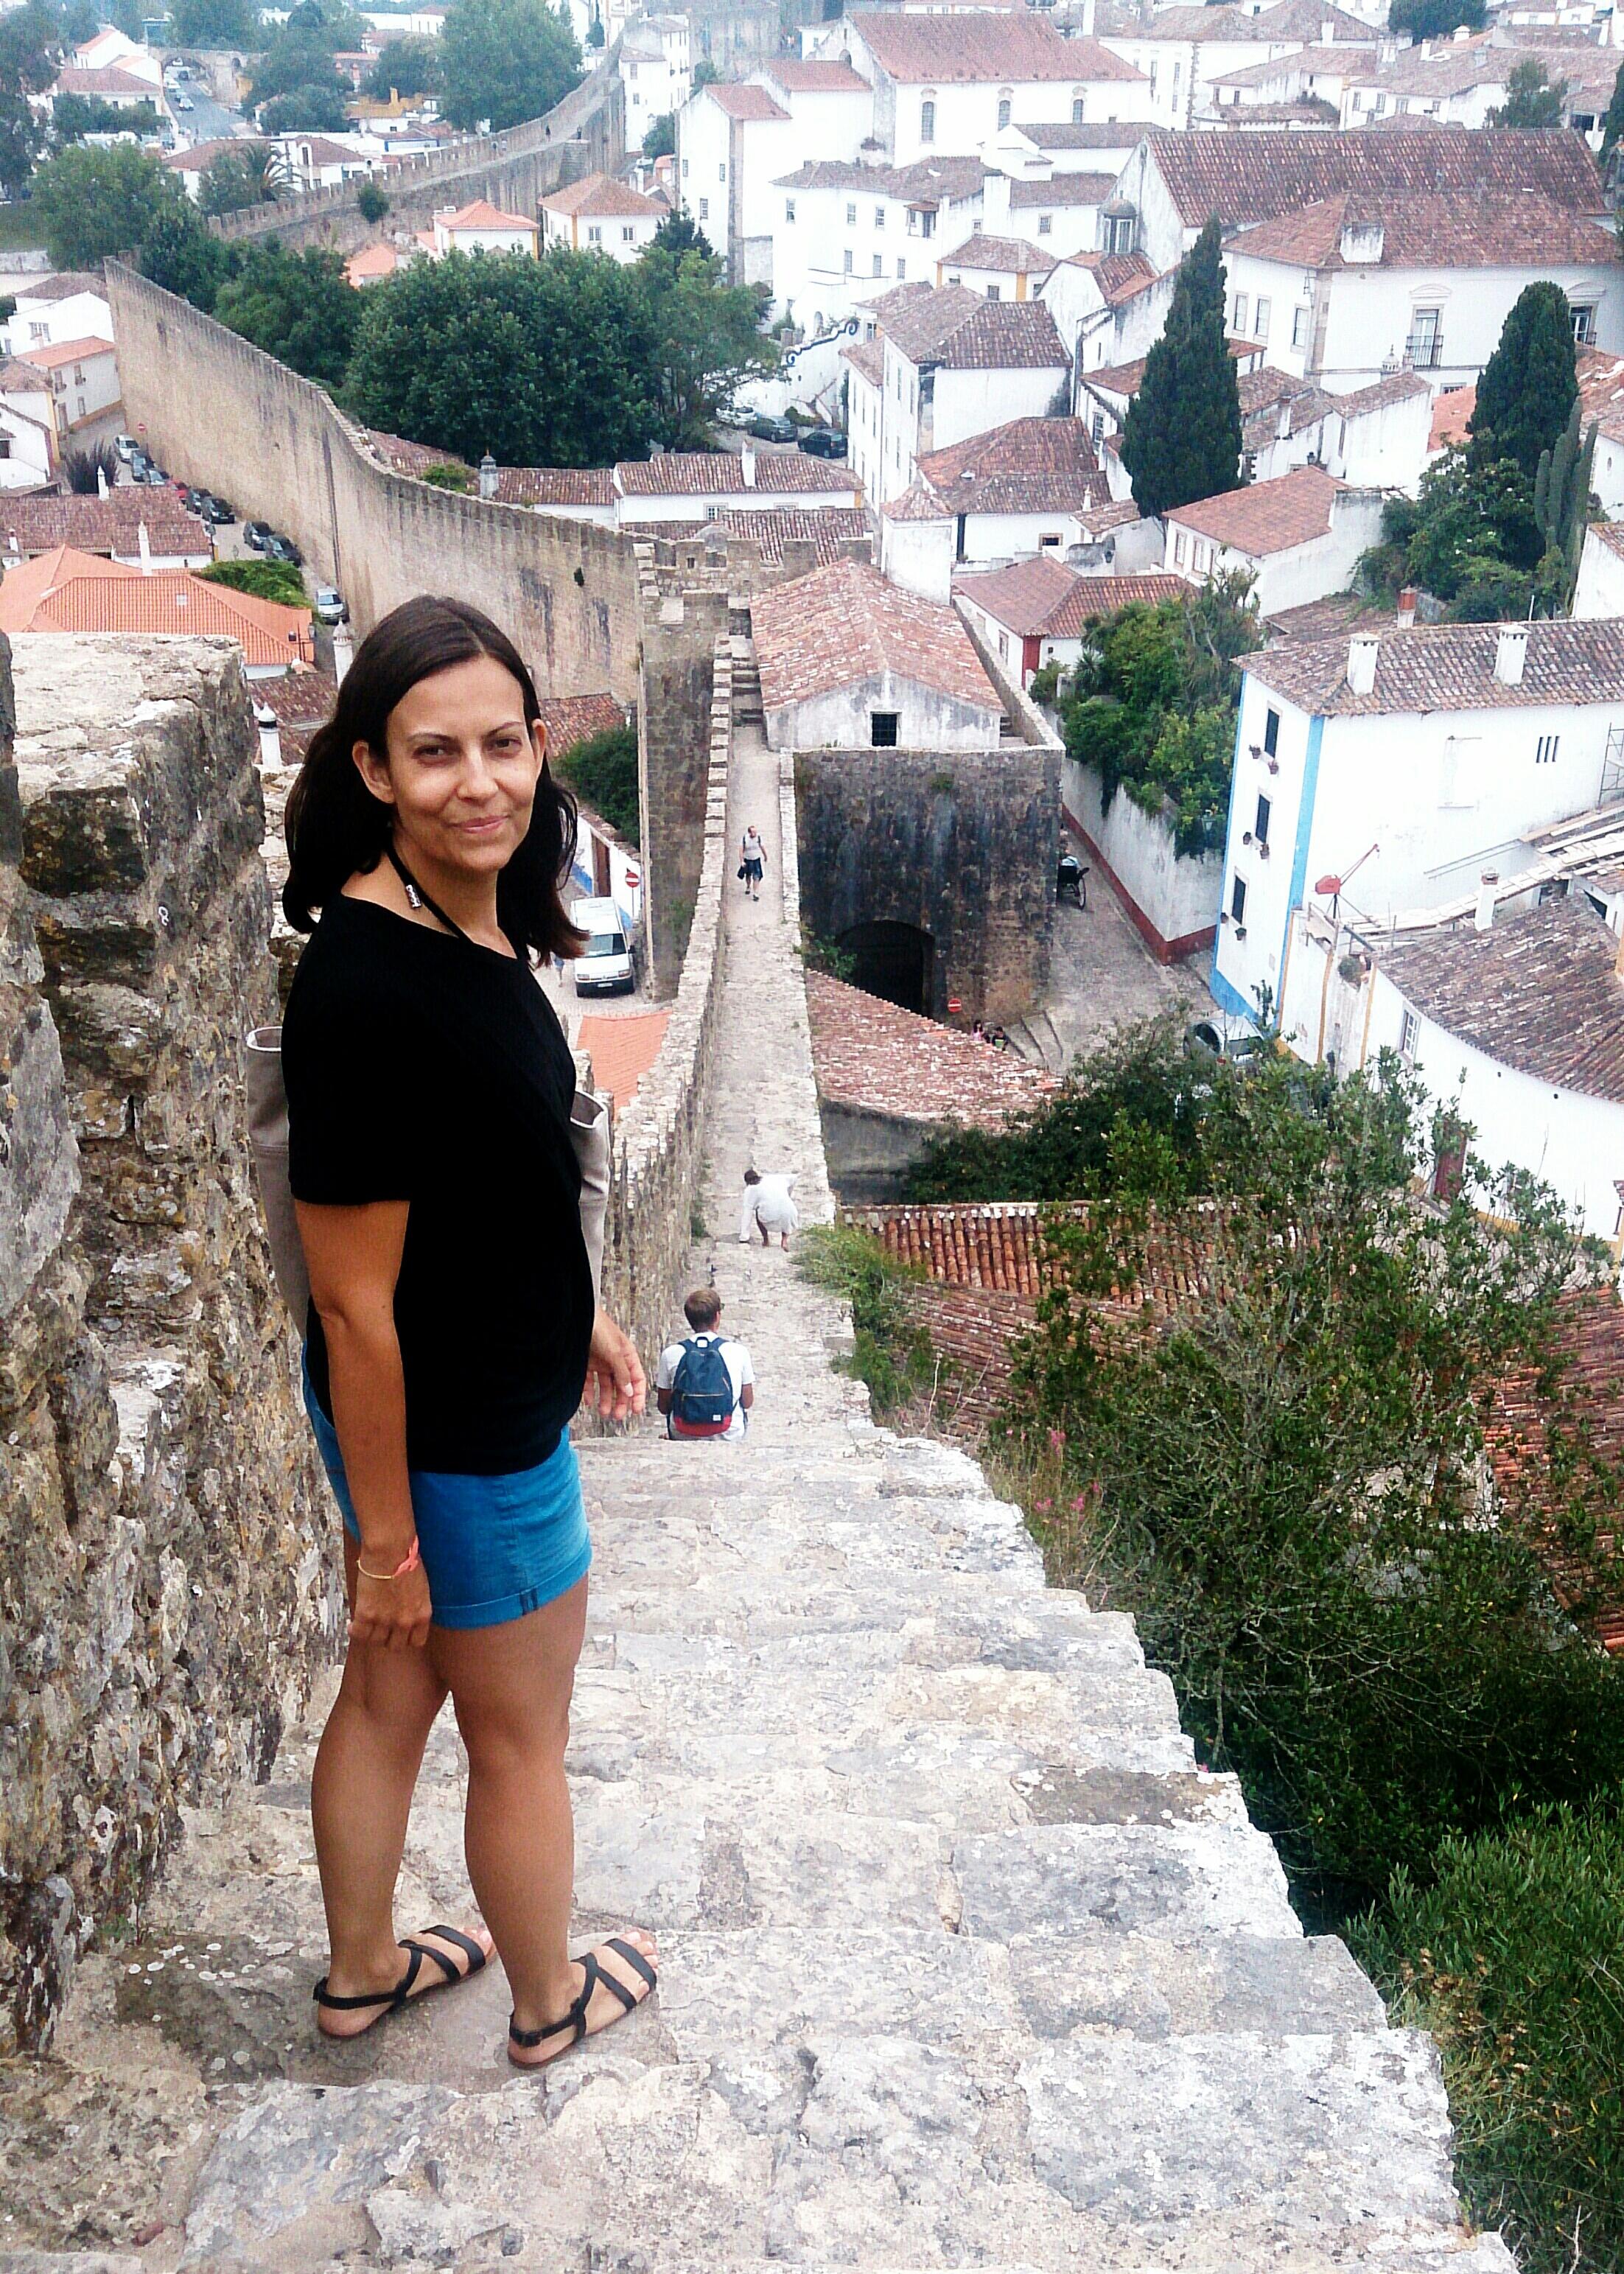 Unterwegs auf der mttelalterlichen Stadtmauer von Óbidos.